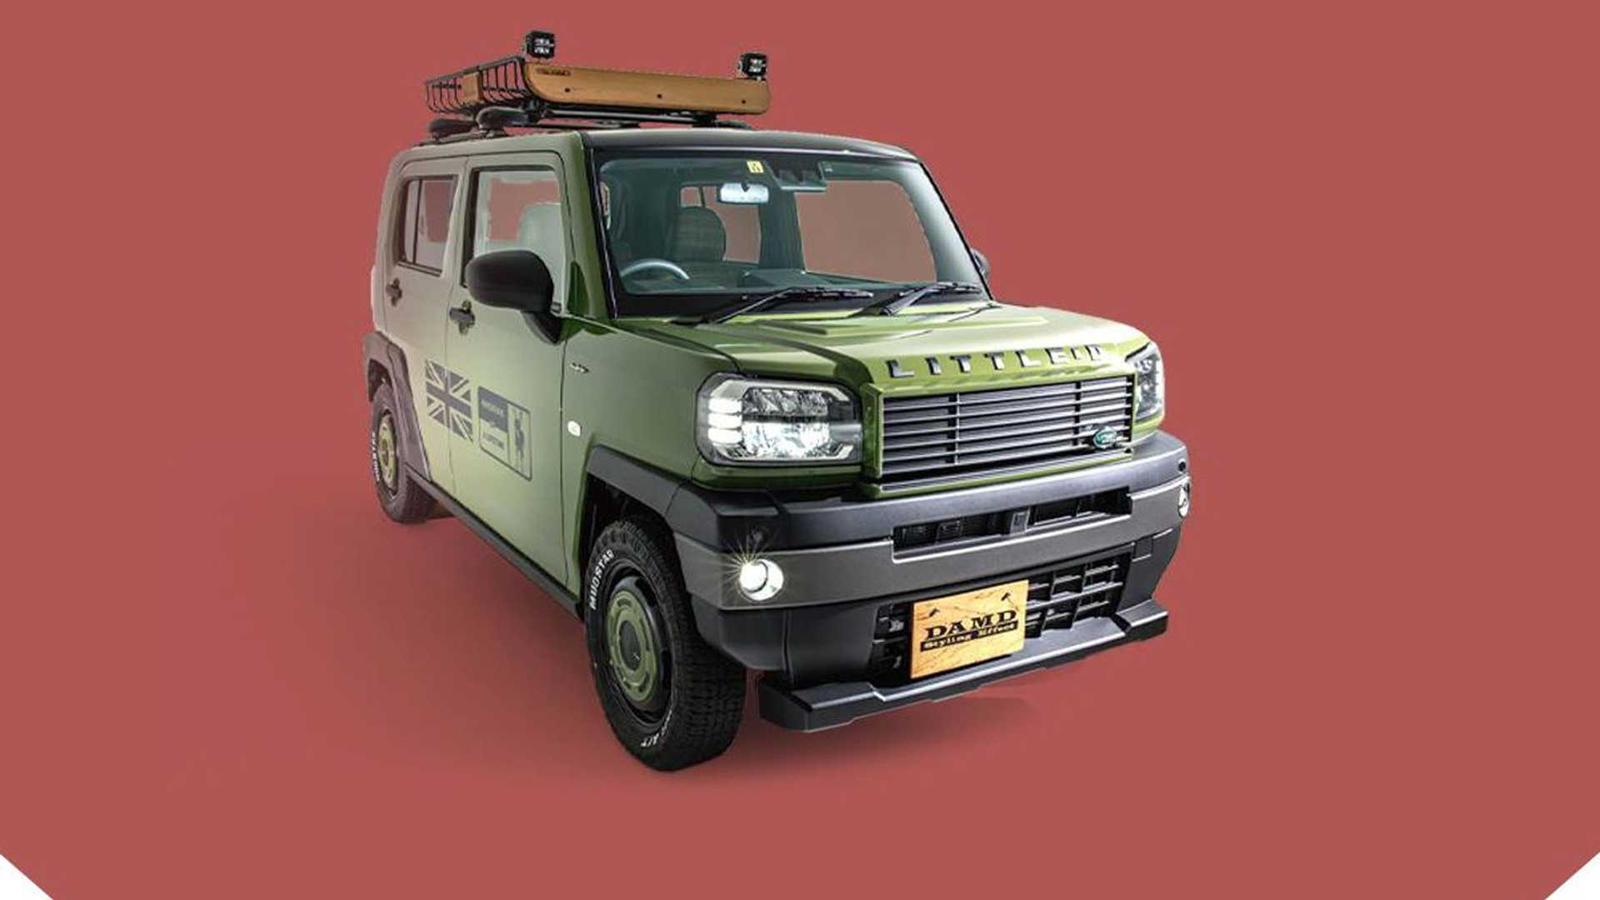 Японская сцена вторичного рынка - это не только сумасшедшие замены двигателей и проекты для SEMA; сцена настройки JDM также имеет более легкую сторону и любит создавать чудаковатые машины, которые отдают дань уважения классическим машинам. Посмотрите